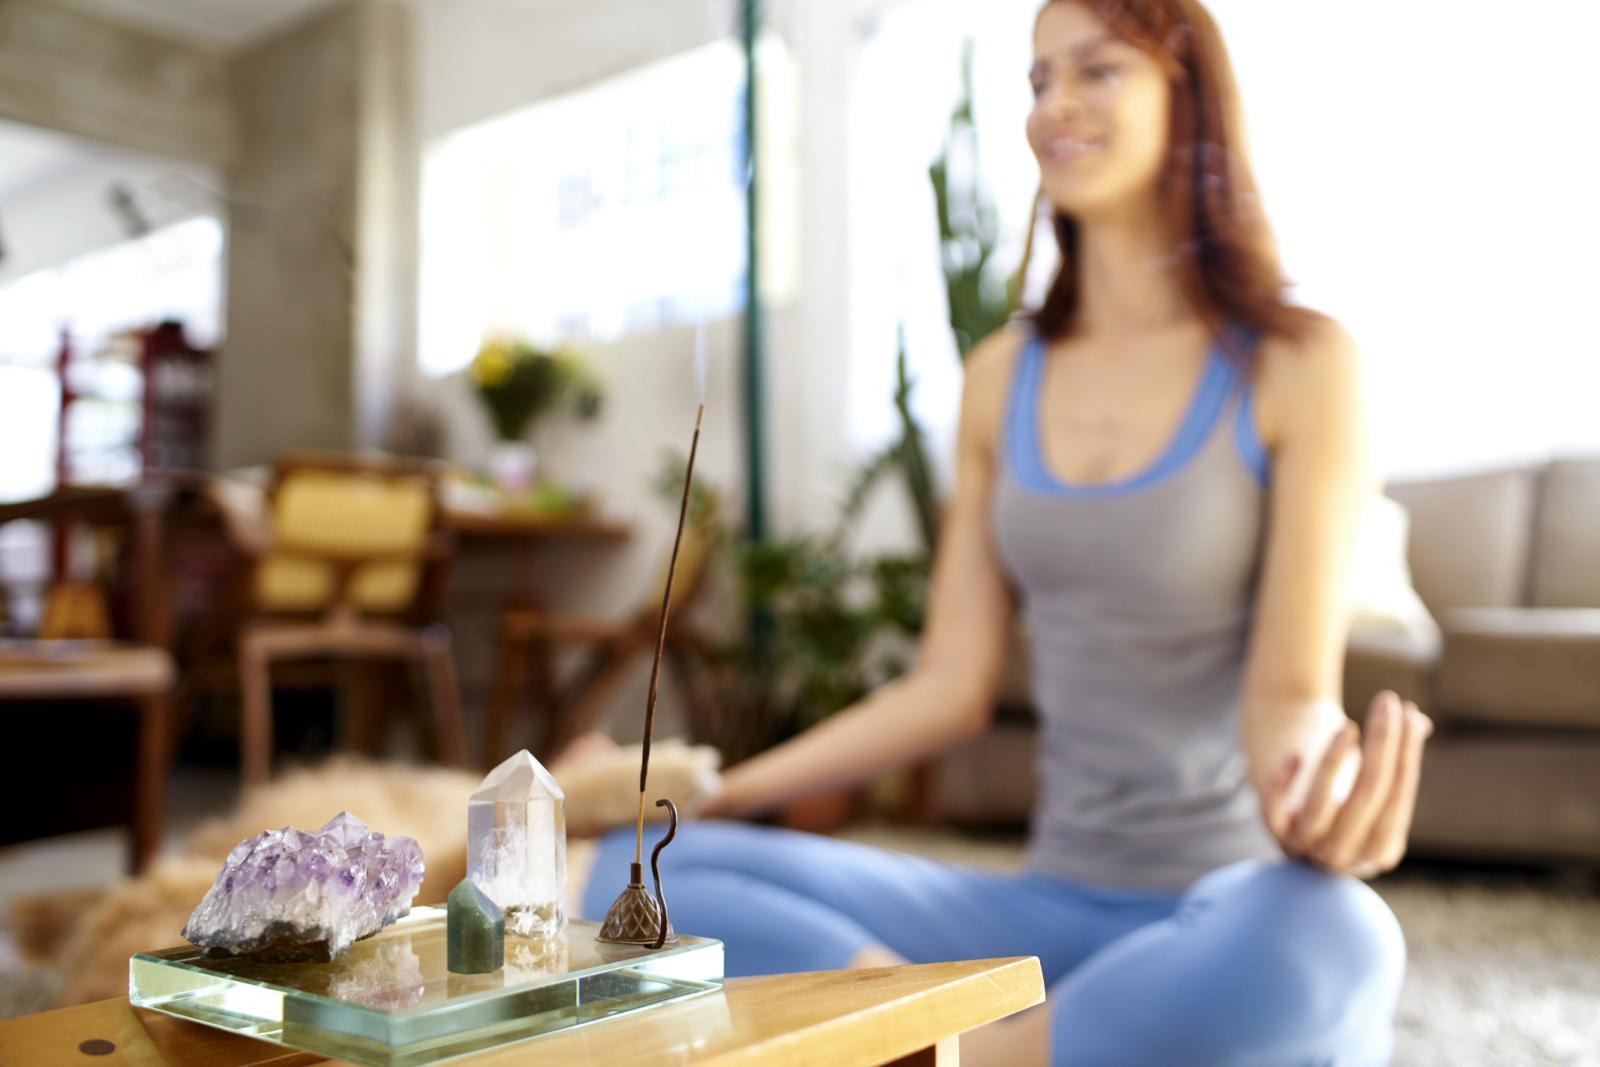 Mujer haciendo yoga en una habitación con incienso y cristales